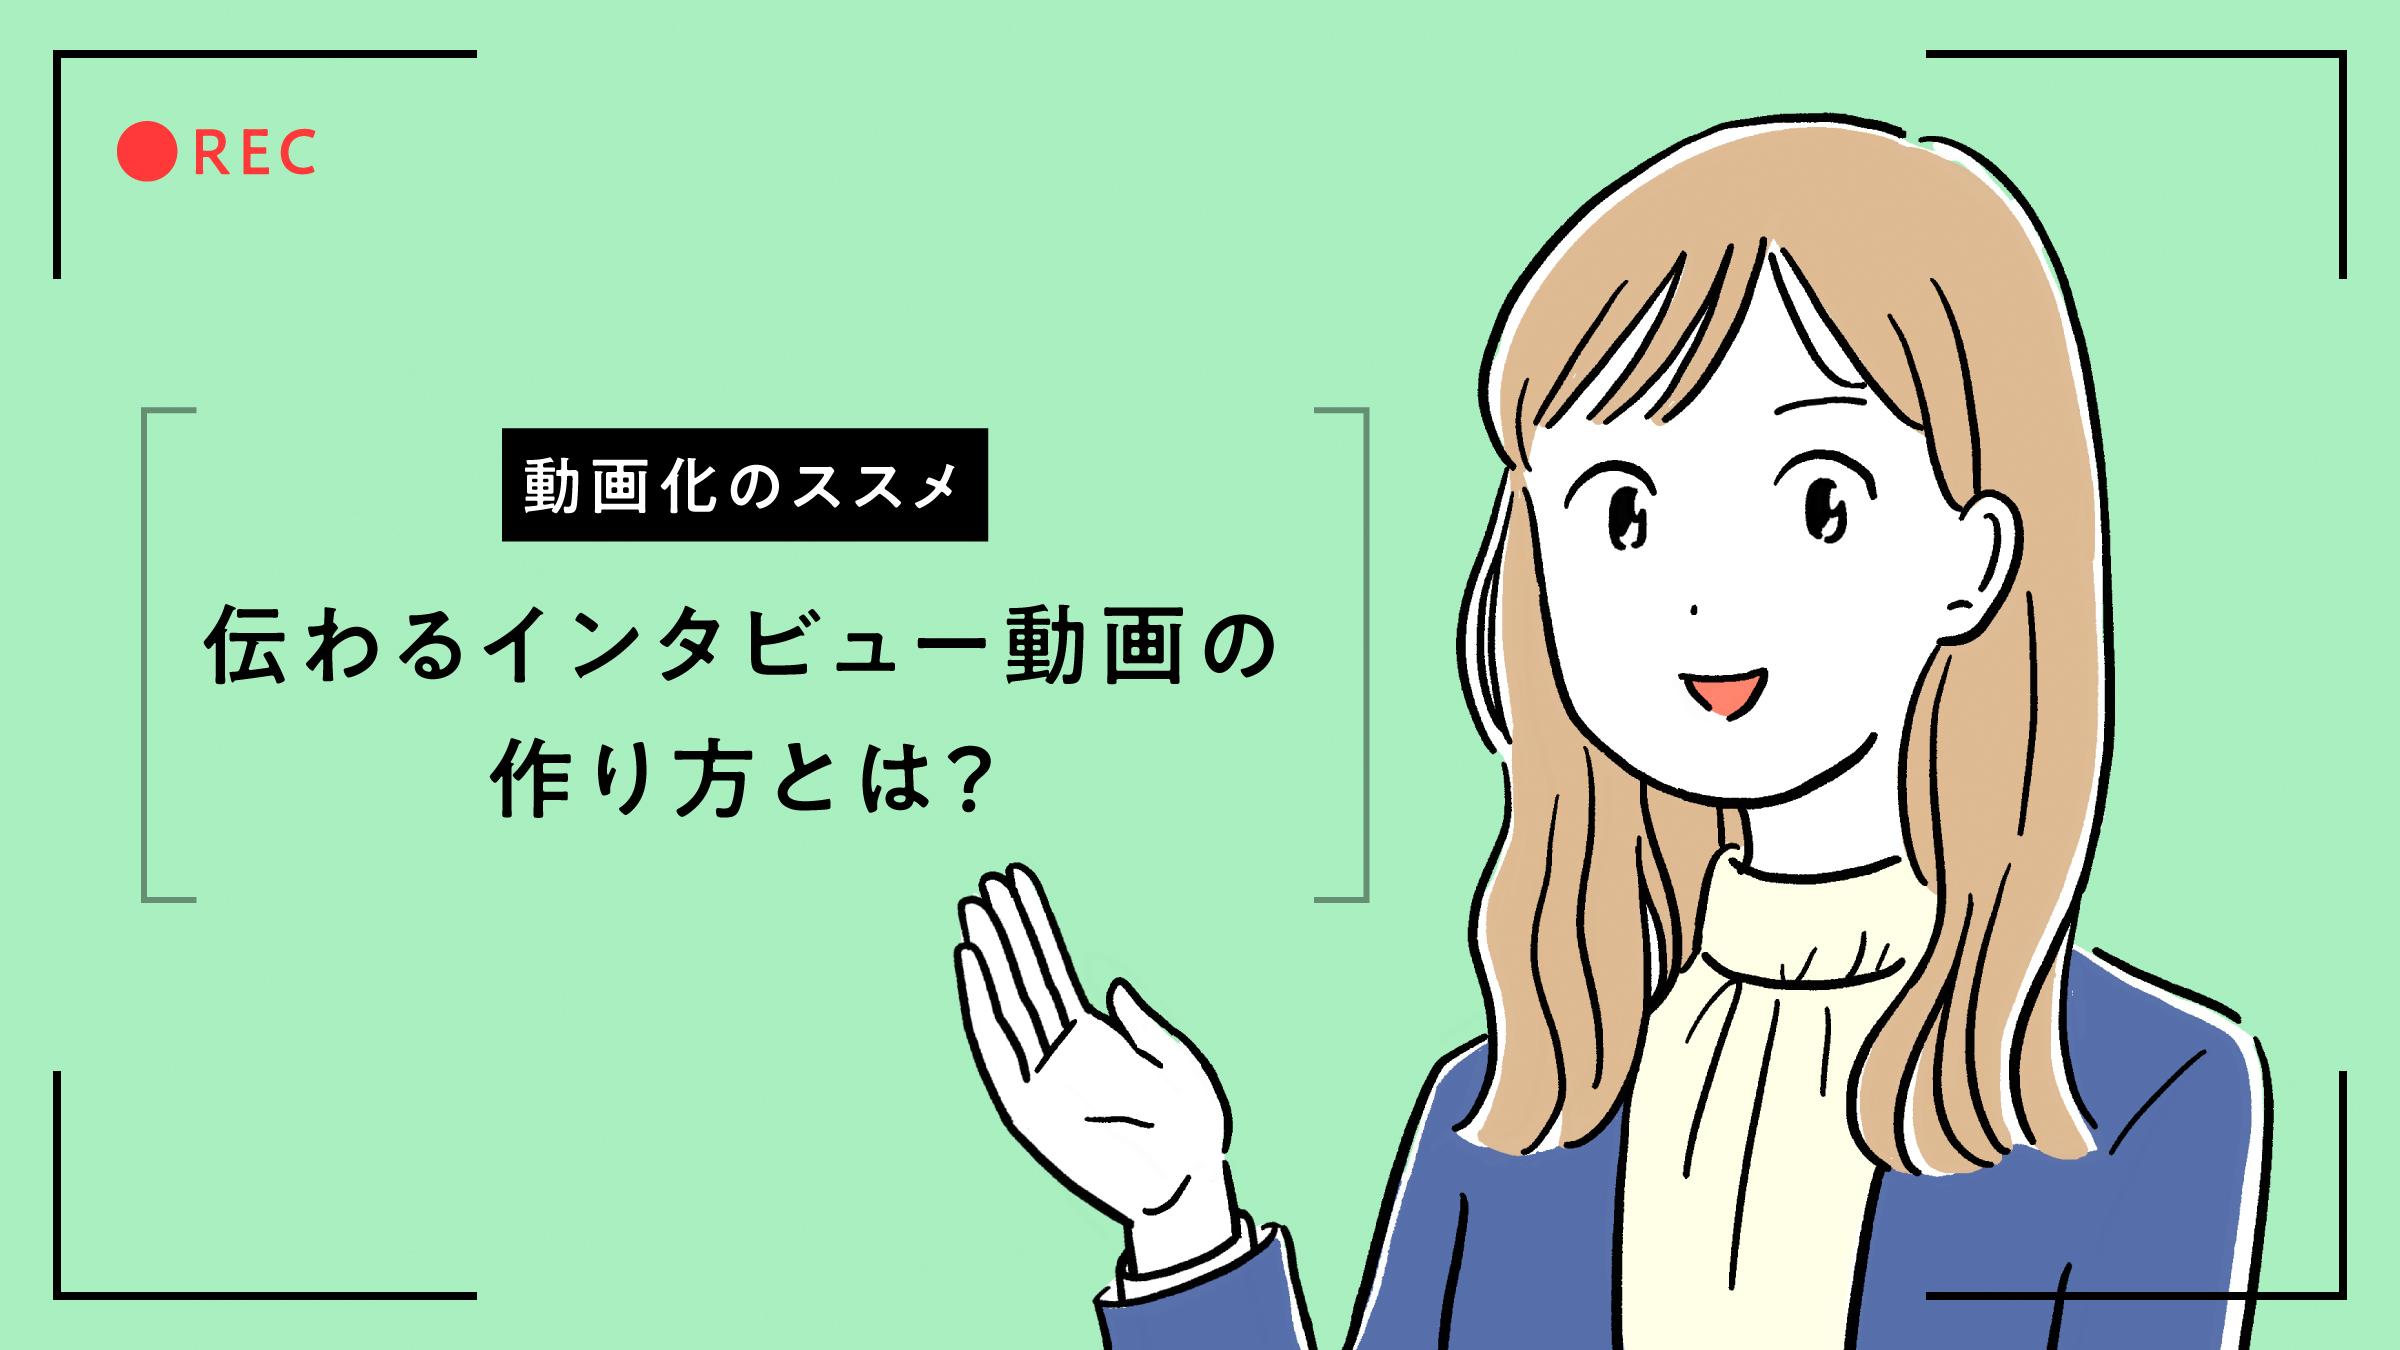 【動画化のススメ】伝わるインタビュー動画の作り方とは?